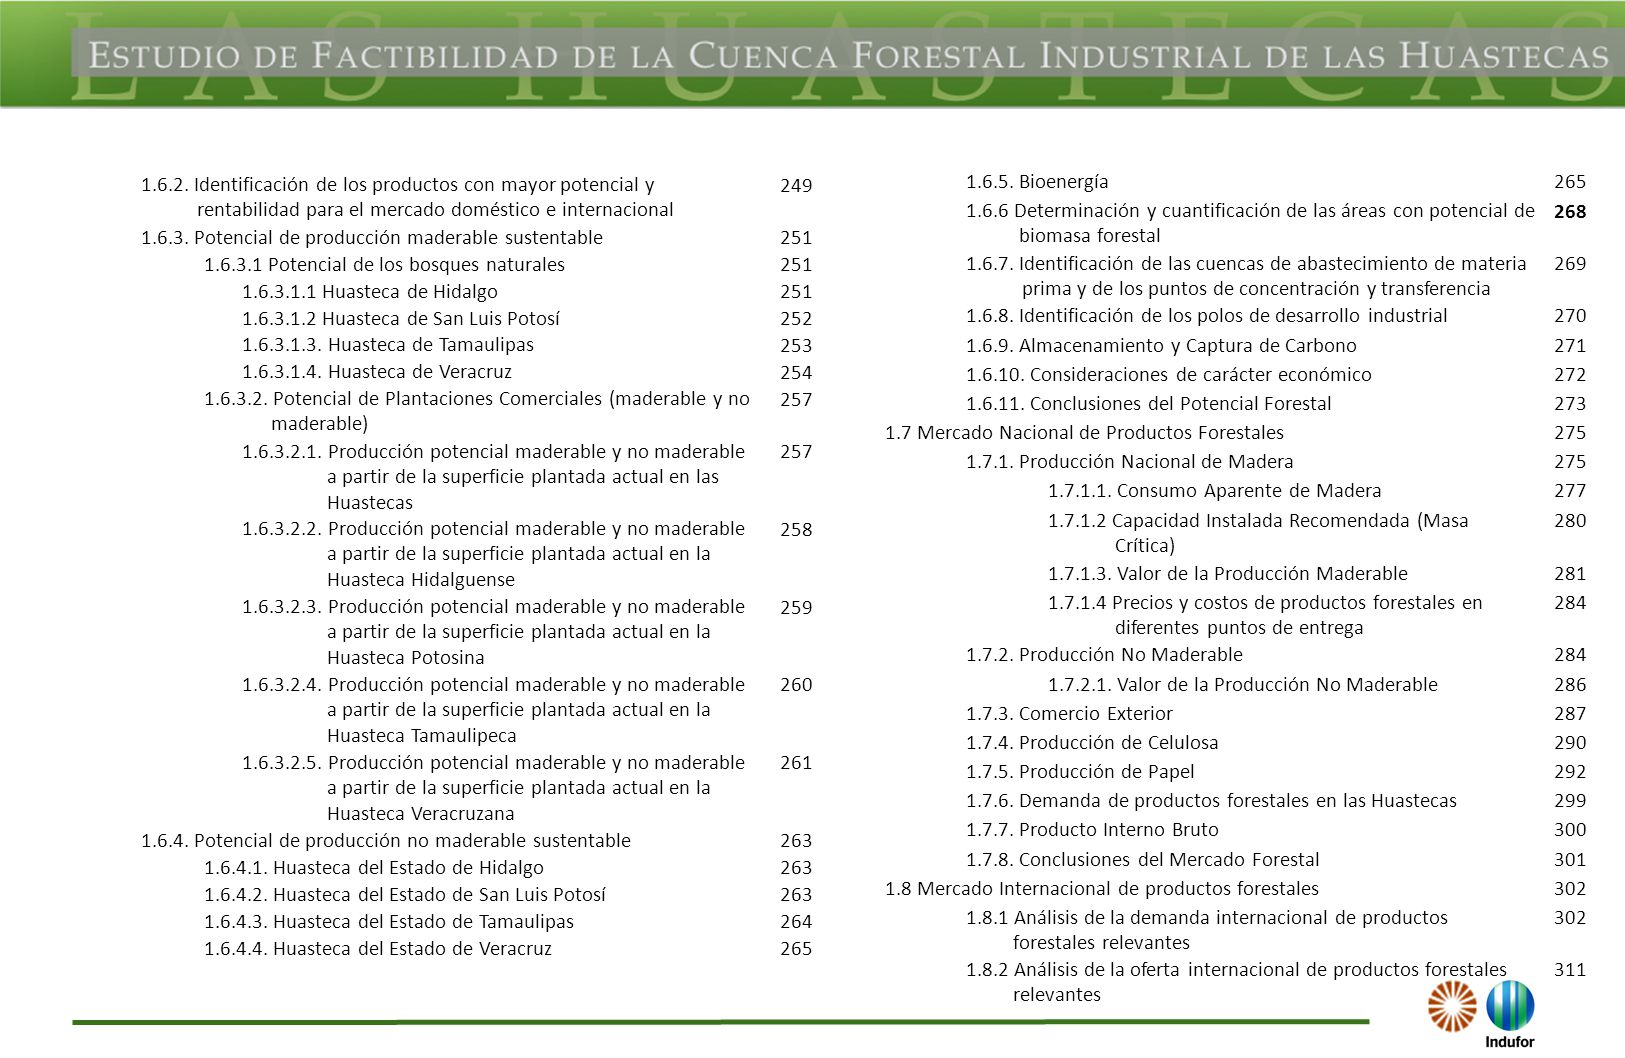 1.6.2. Identificación de los productos con mayor potencial y rentabilidad para el mercado doméstico e internacional